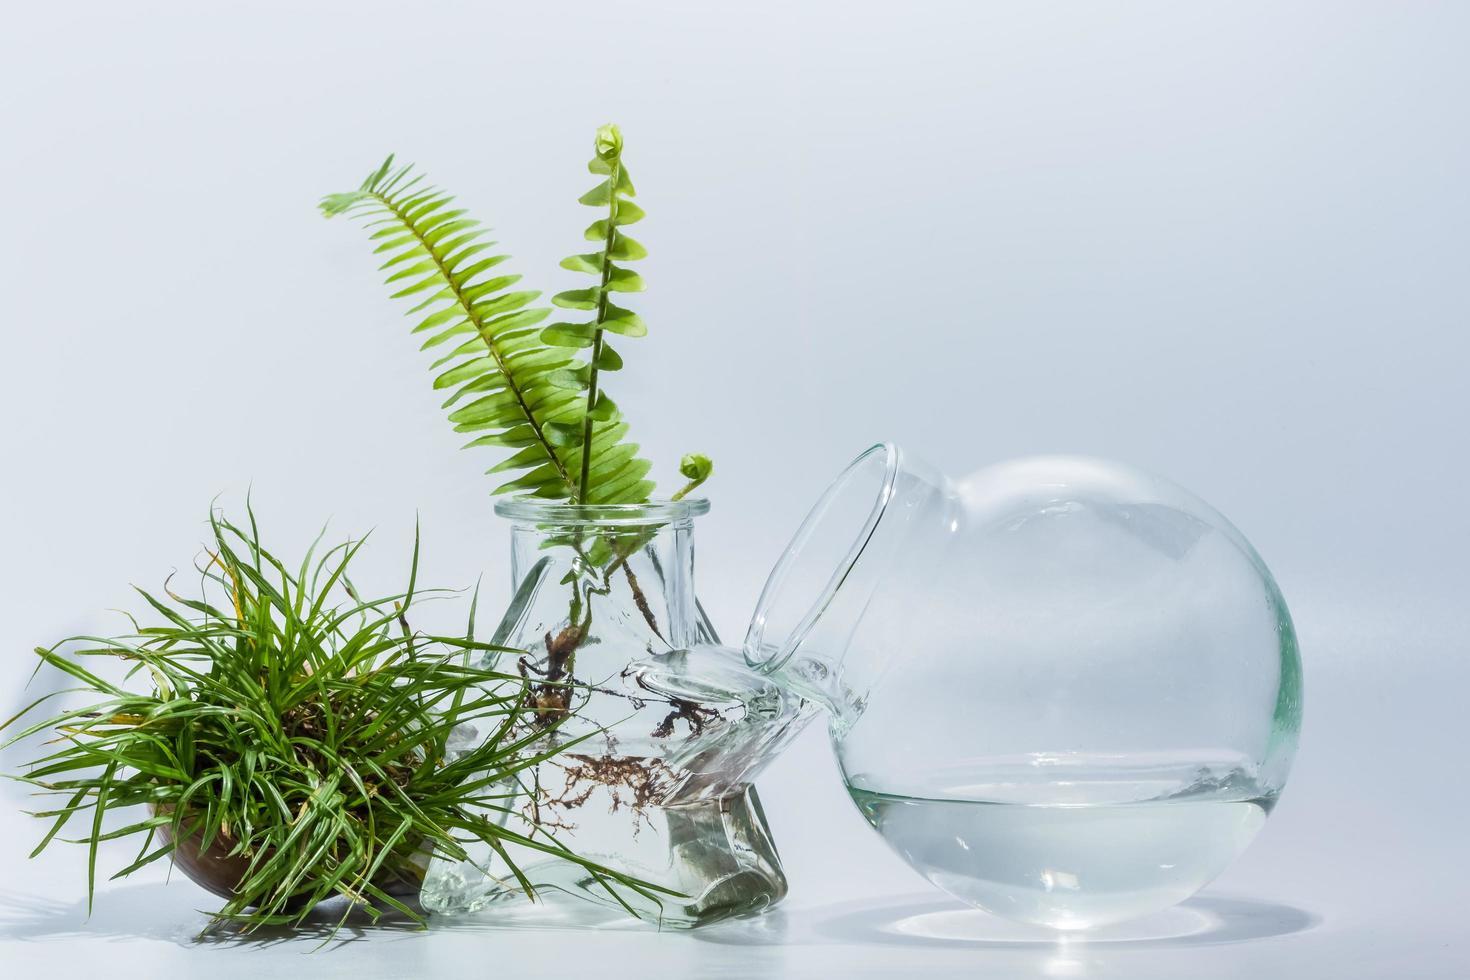 terrariumplanten op witte achtergrond foto